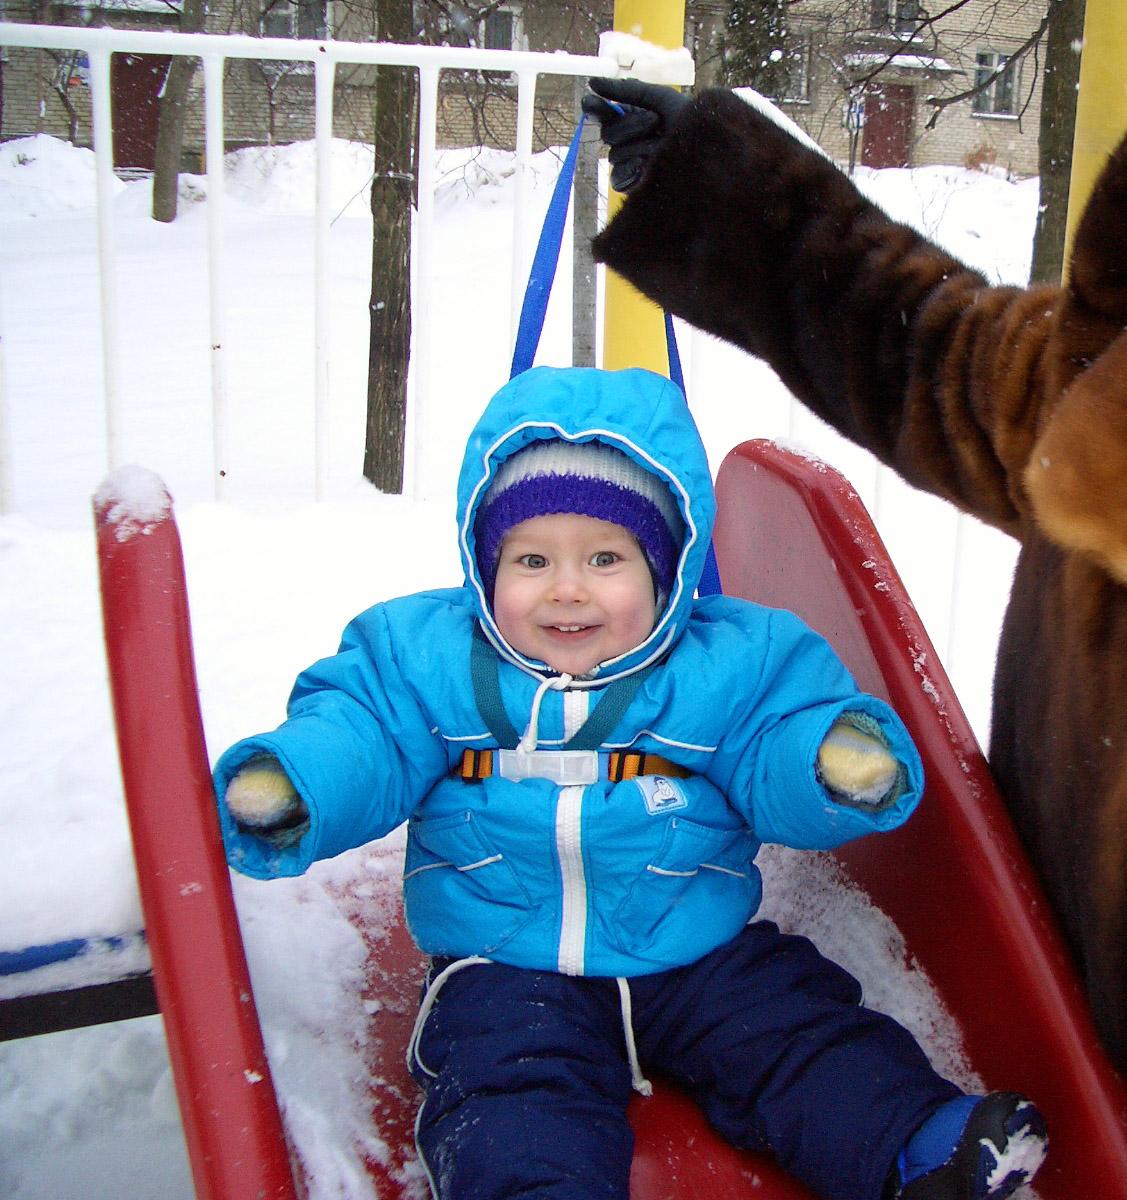 Как люблю я белый снег! Столько радости для всех =). Это сладкое слово - прогулка!..